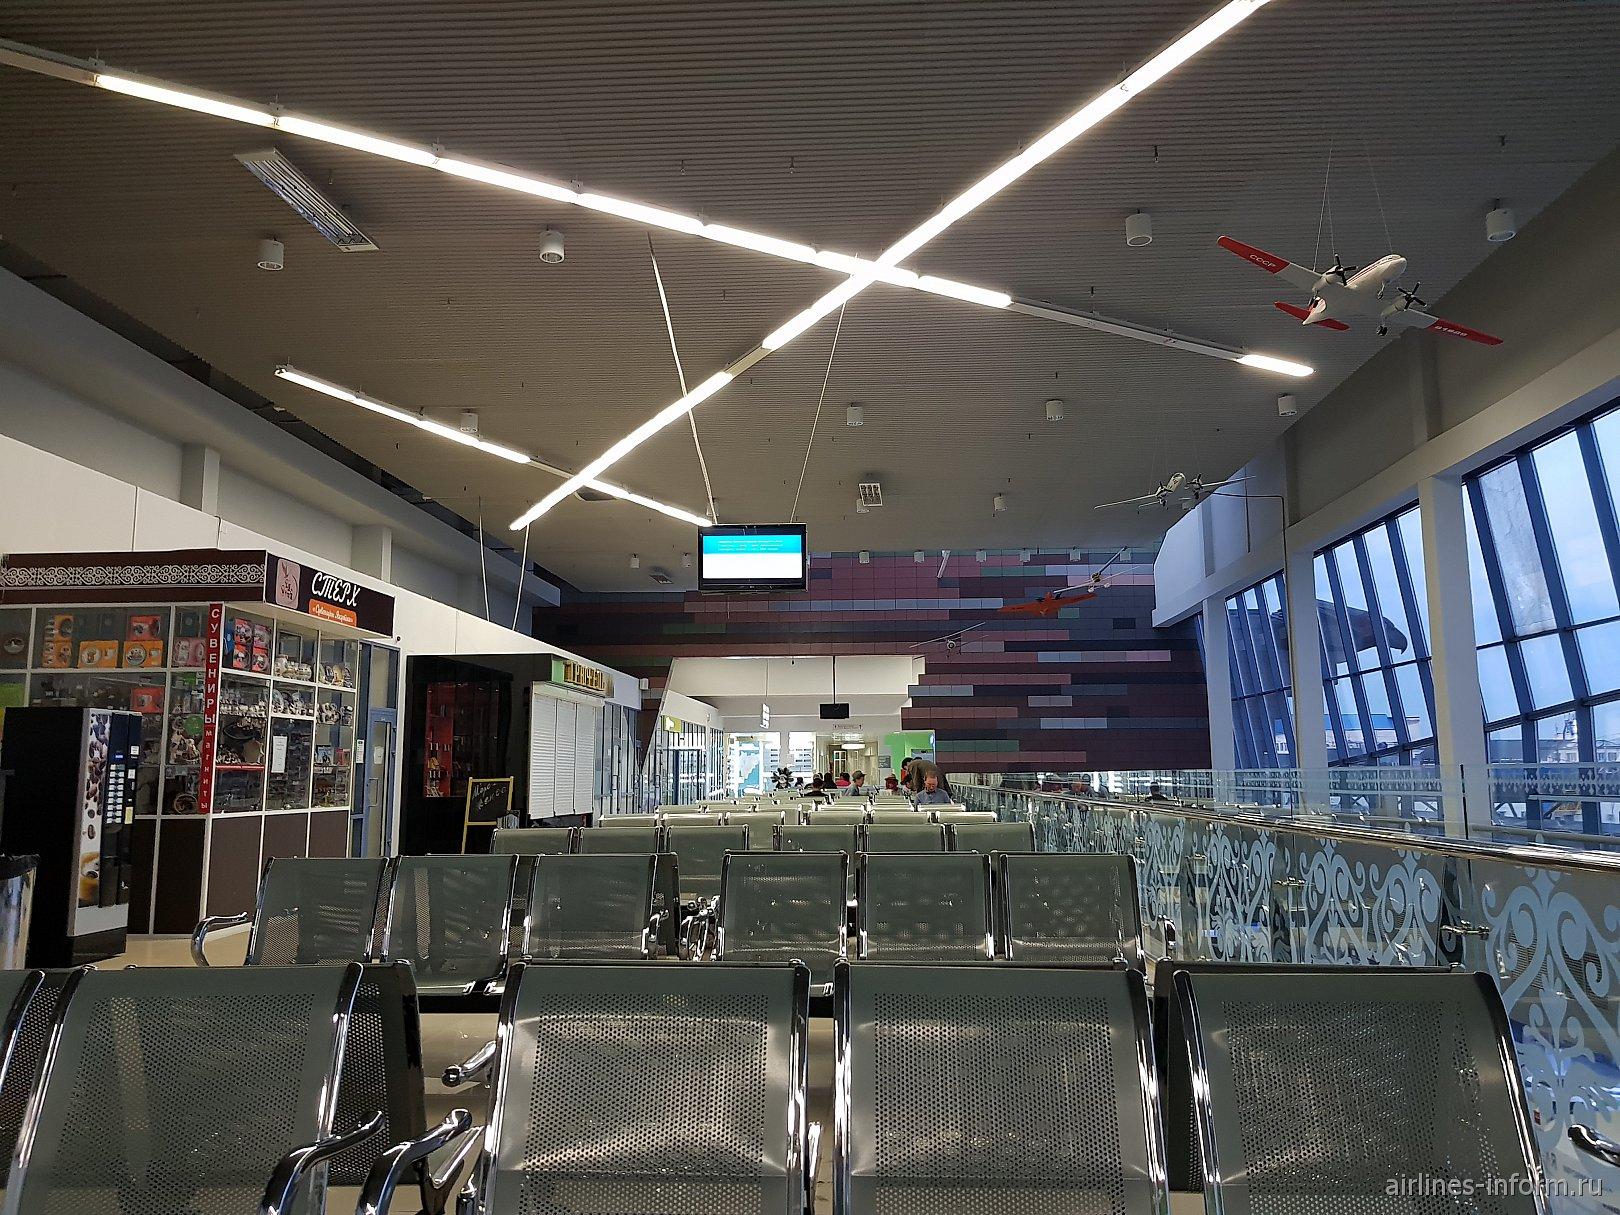 Зал ожидания на 2-м этаже аэровокзала аэропорта Якутск